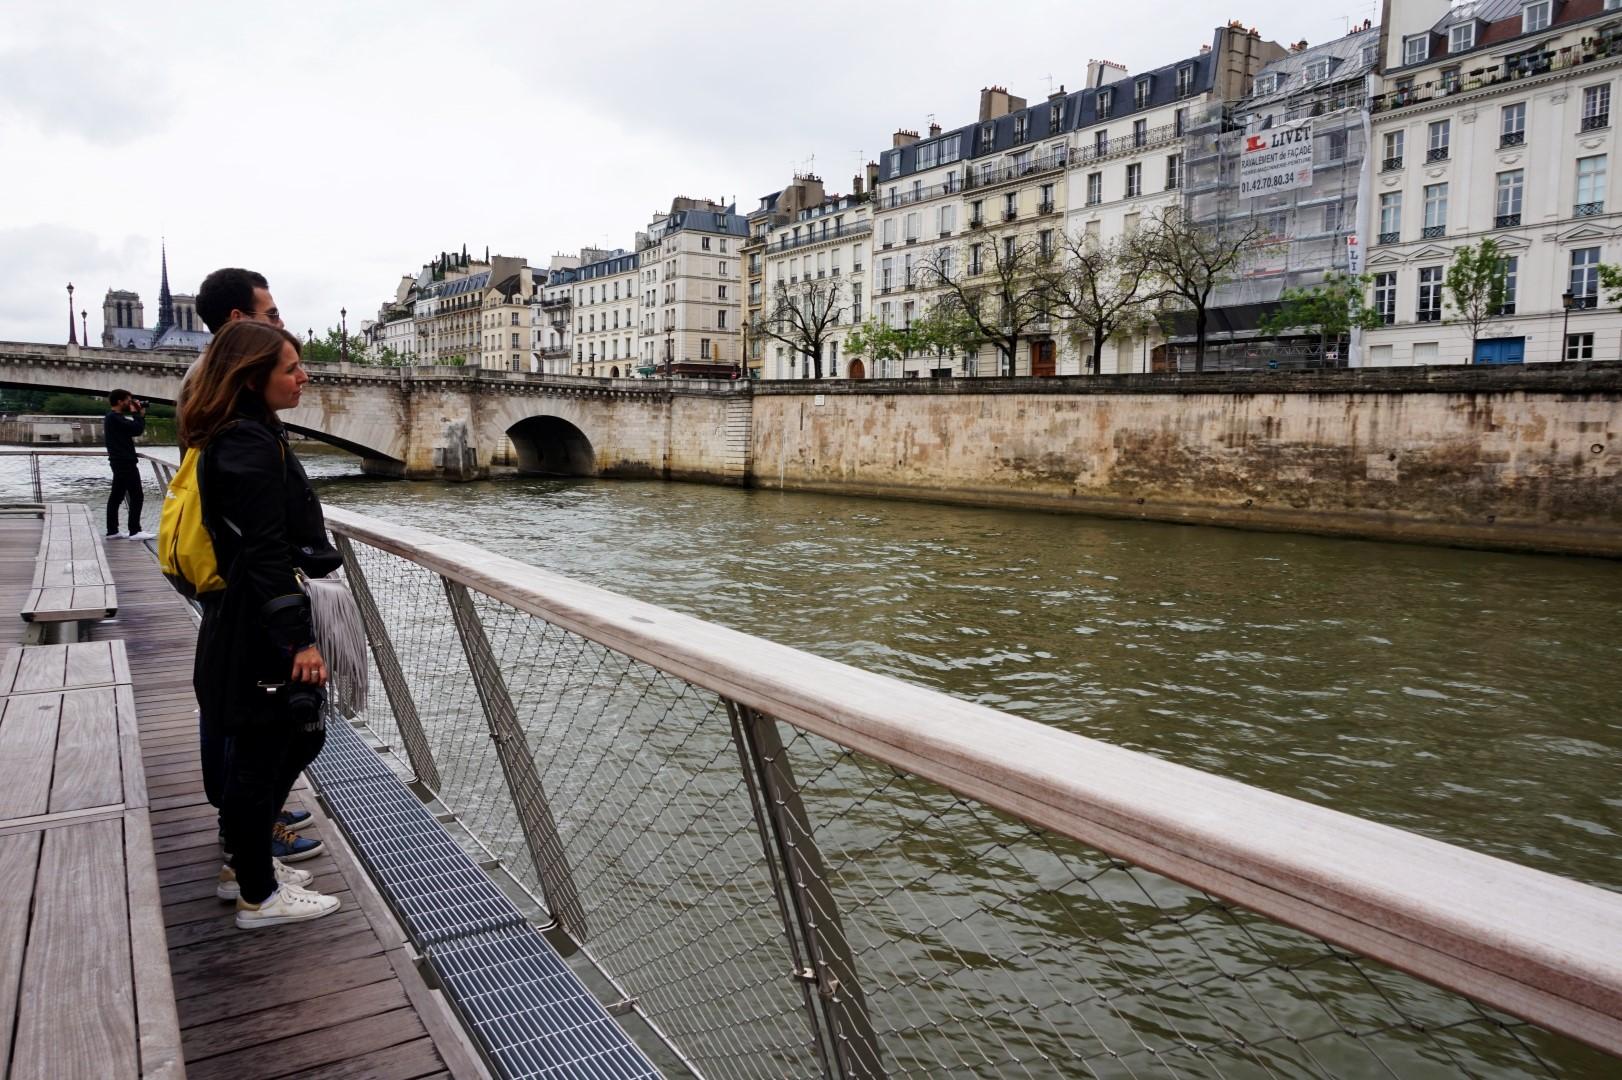 Croisière sur la Seine - Bateaux Parisiens - Ile Saint Louis